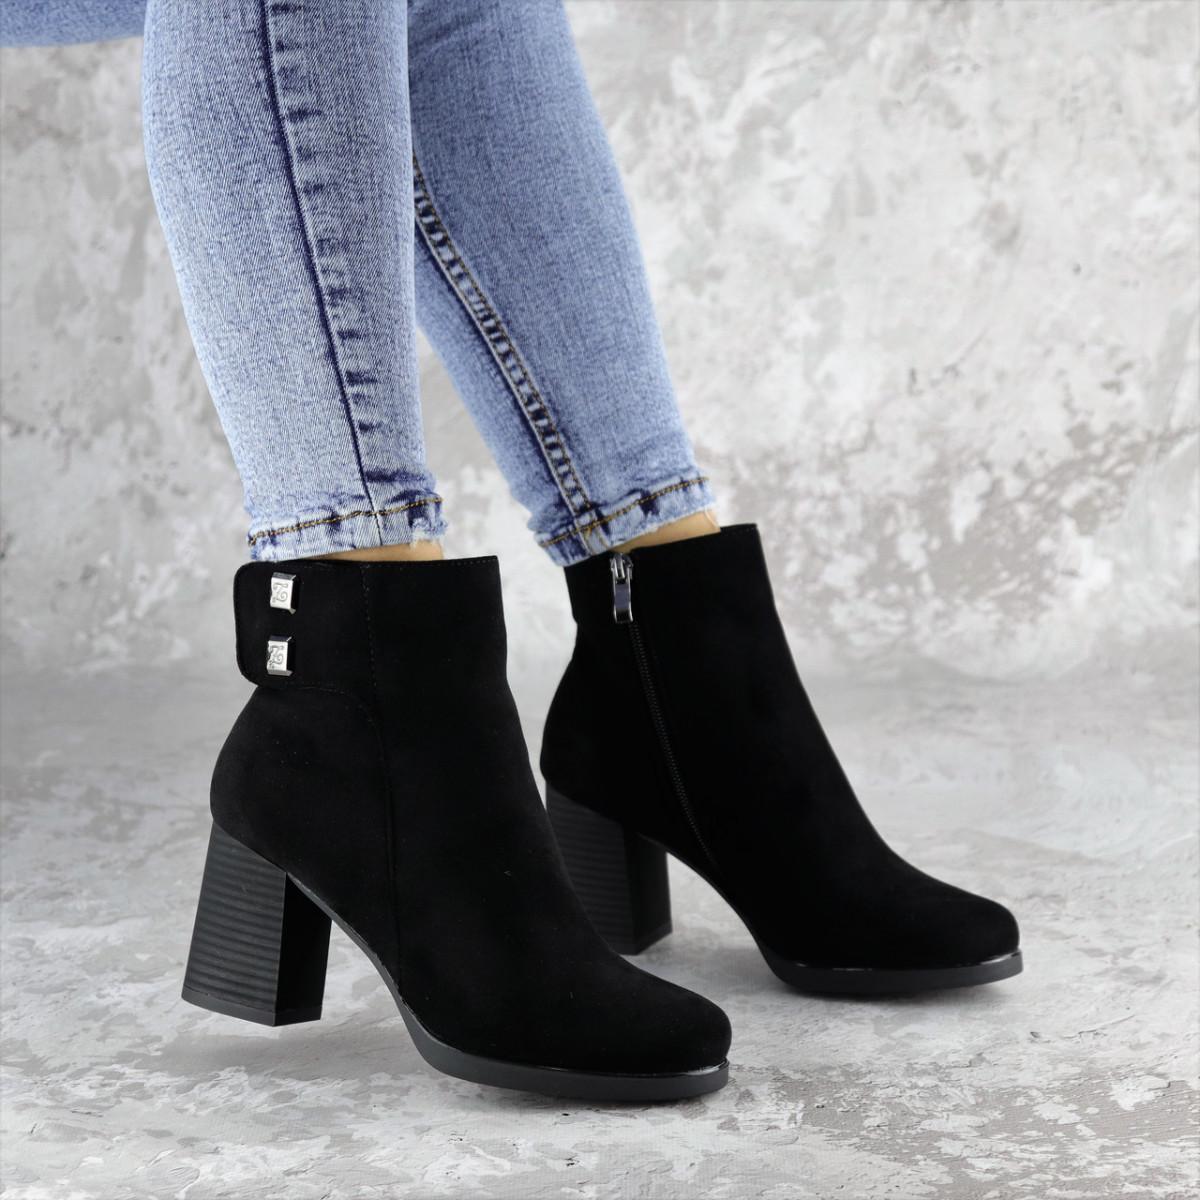 Ботильоны женские Fashion Jakie 2289 36 размер 23,5 см Черный